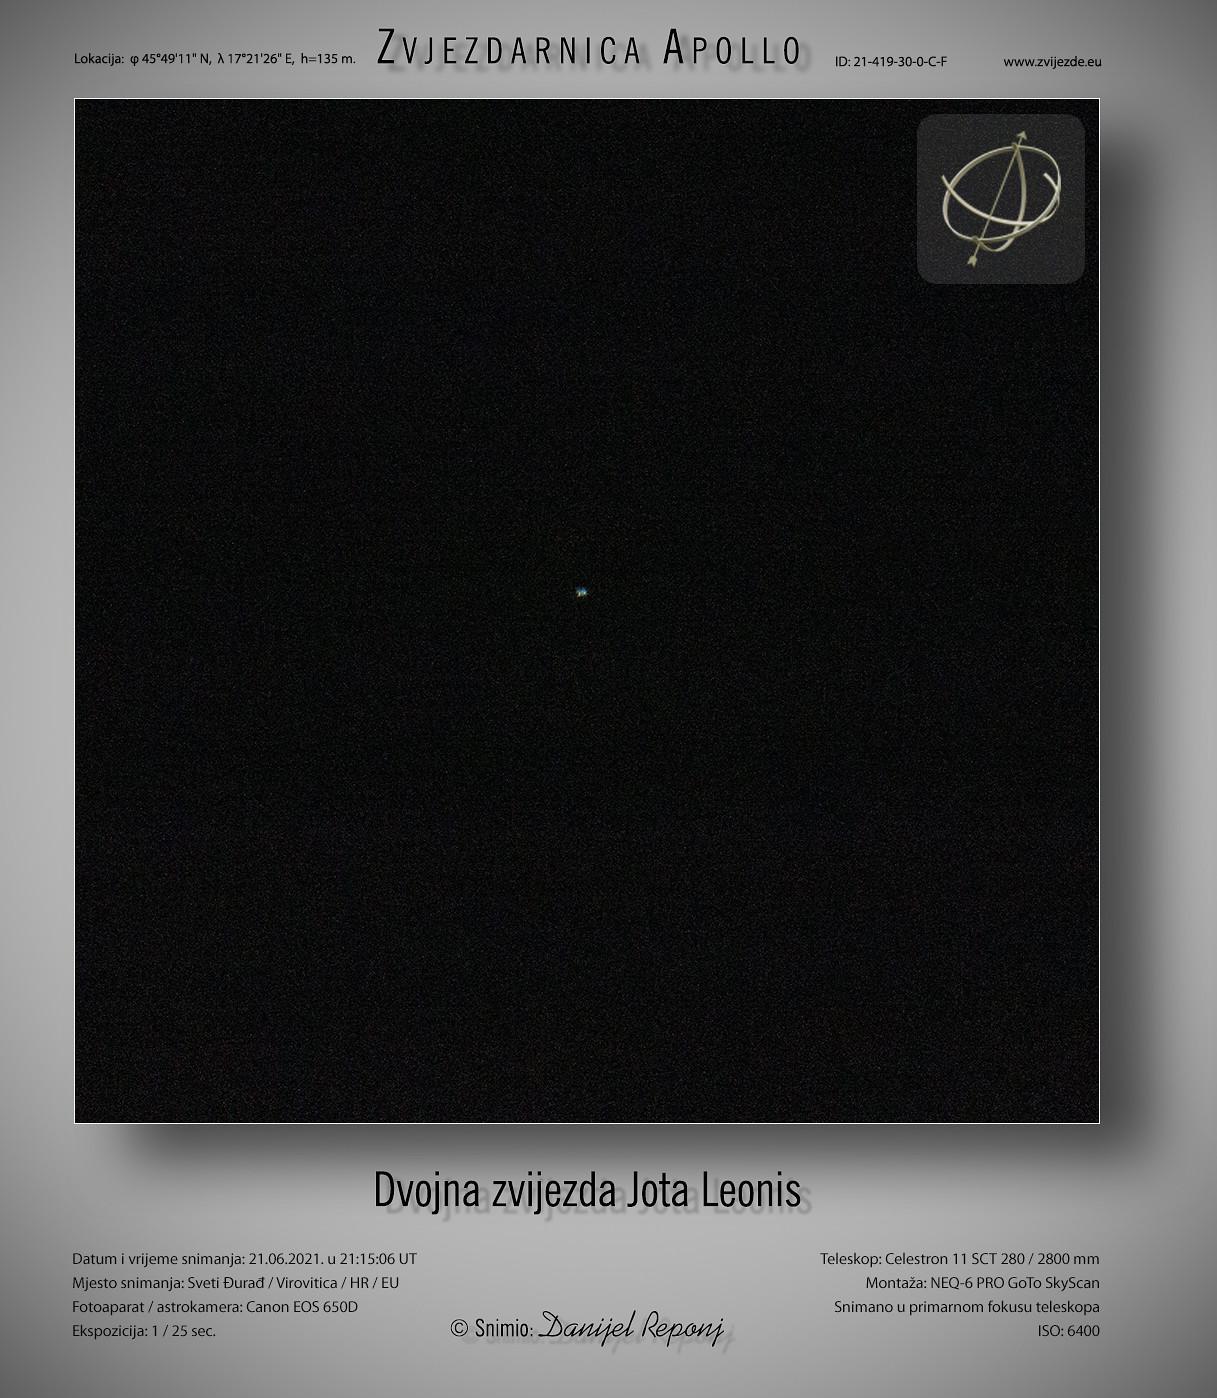 Zvijezda Jota Leonis, 21.6.2021.